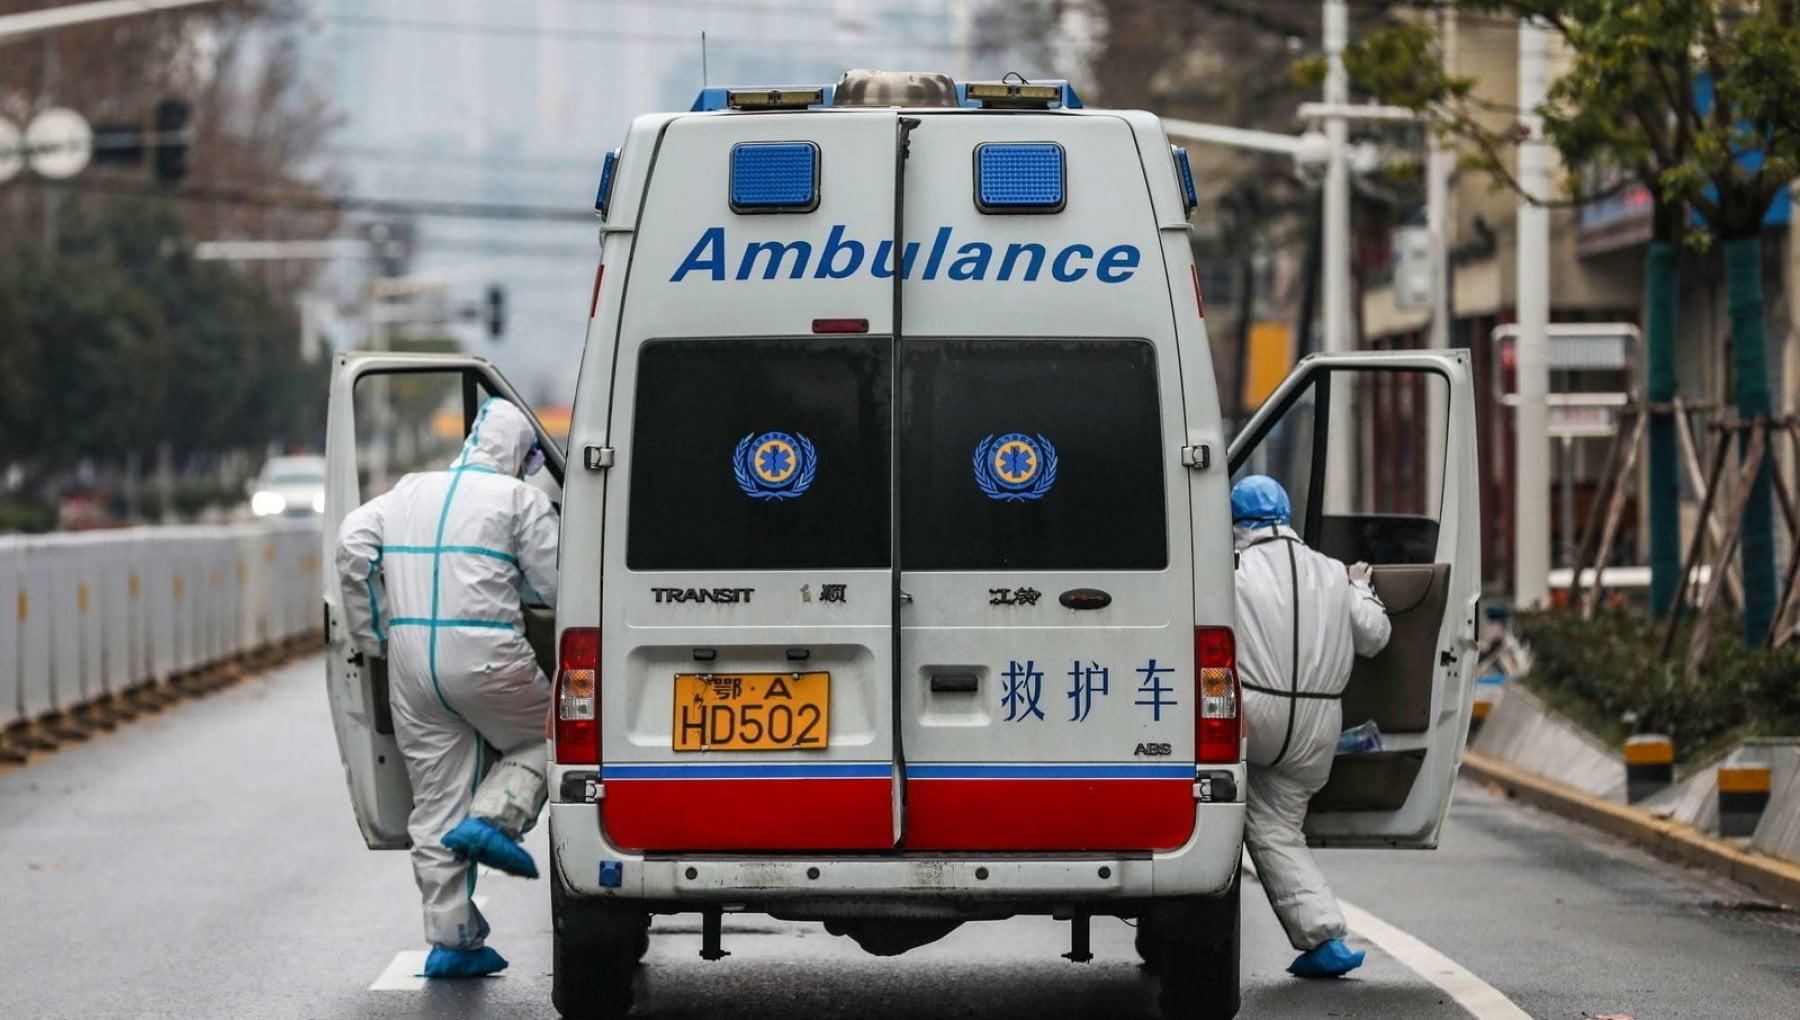 071357593 de93d35e 74cd 4e13 8aa9 08e1ef6fb65a - Cina: scontro tra autobus e camion, almeno 11 morti